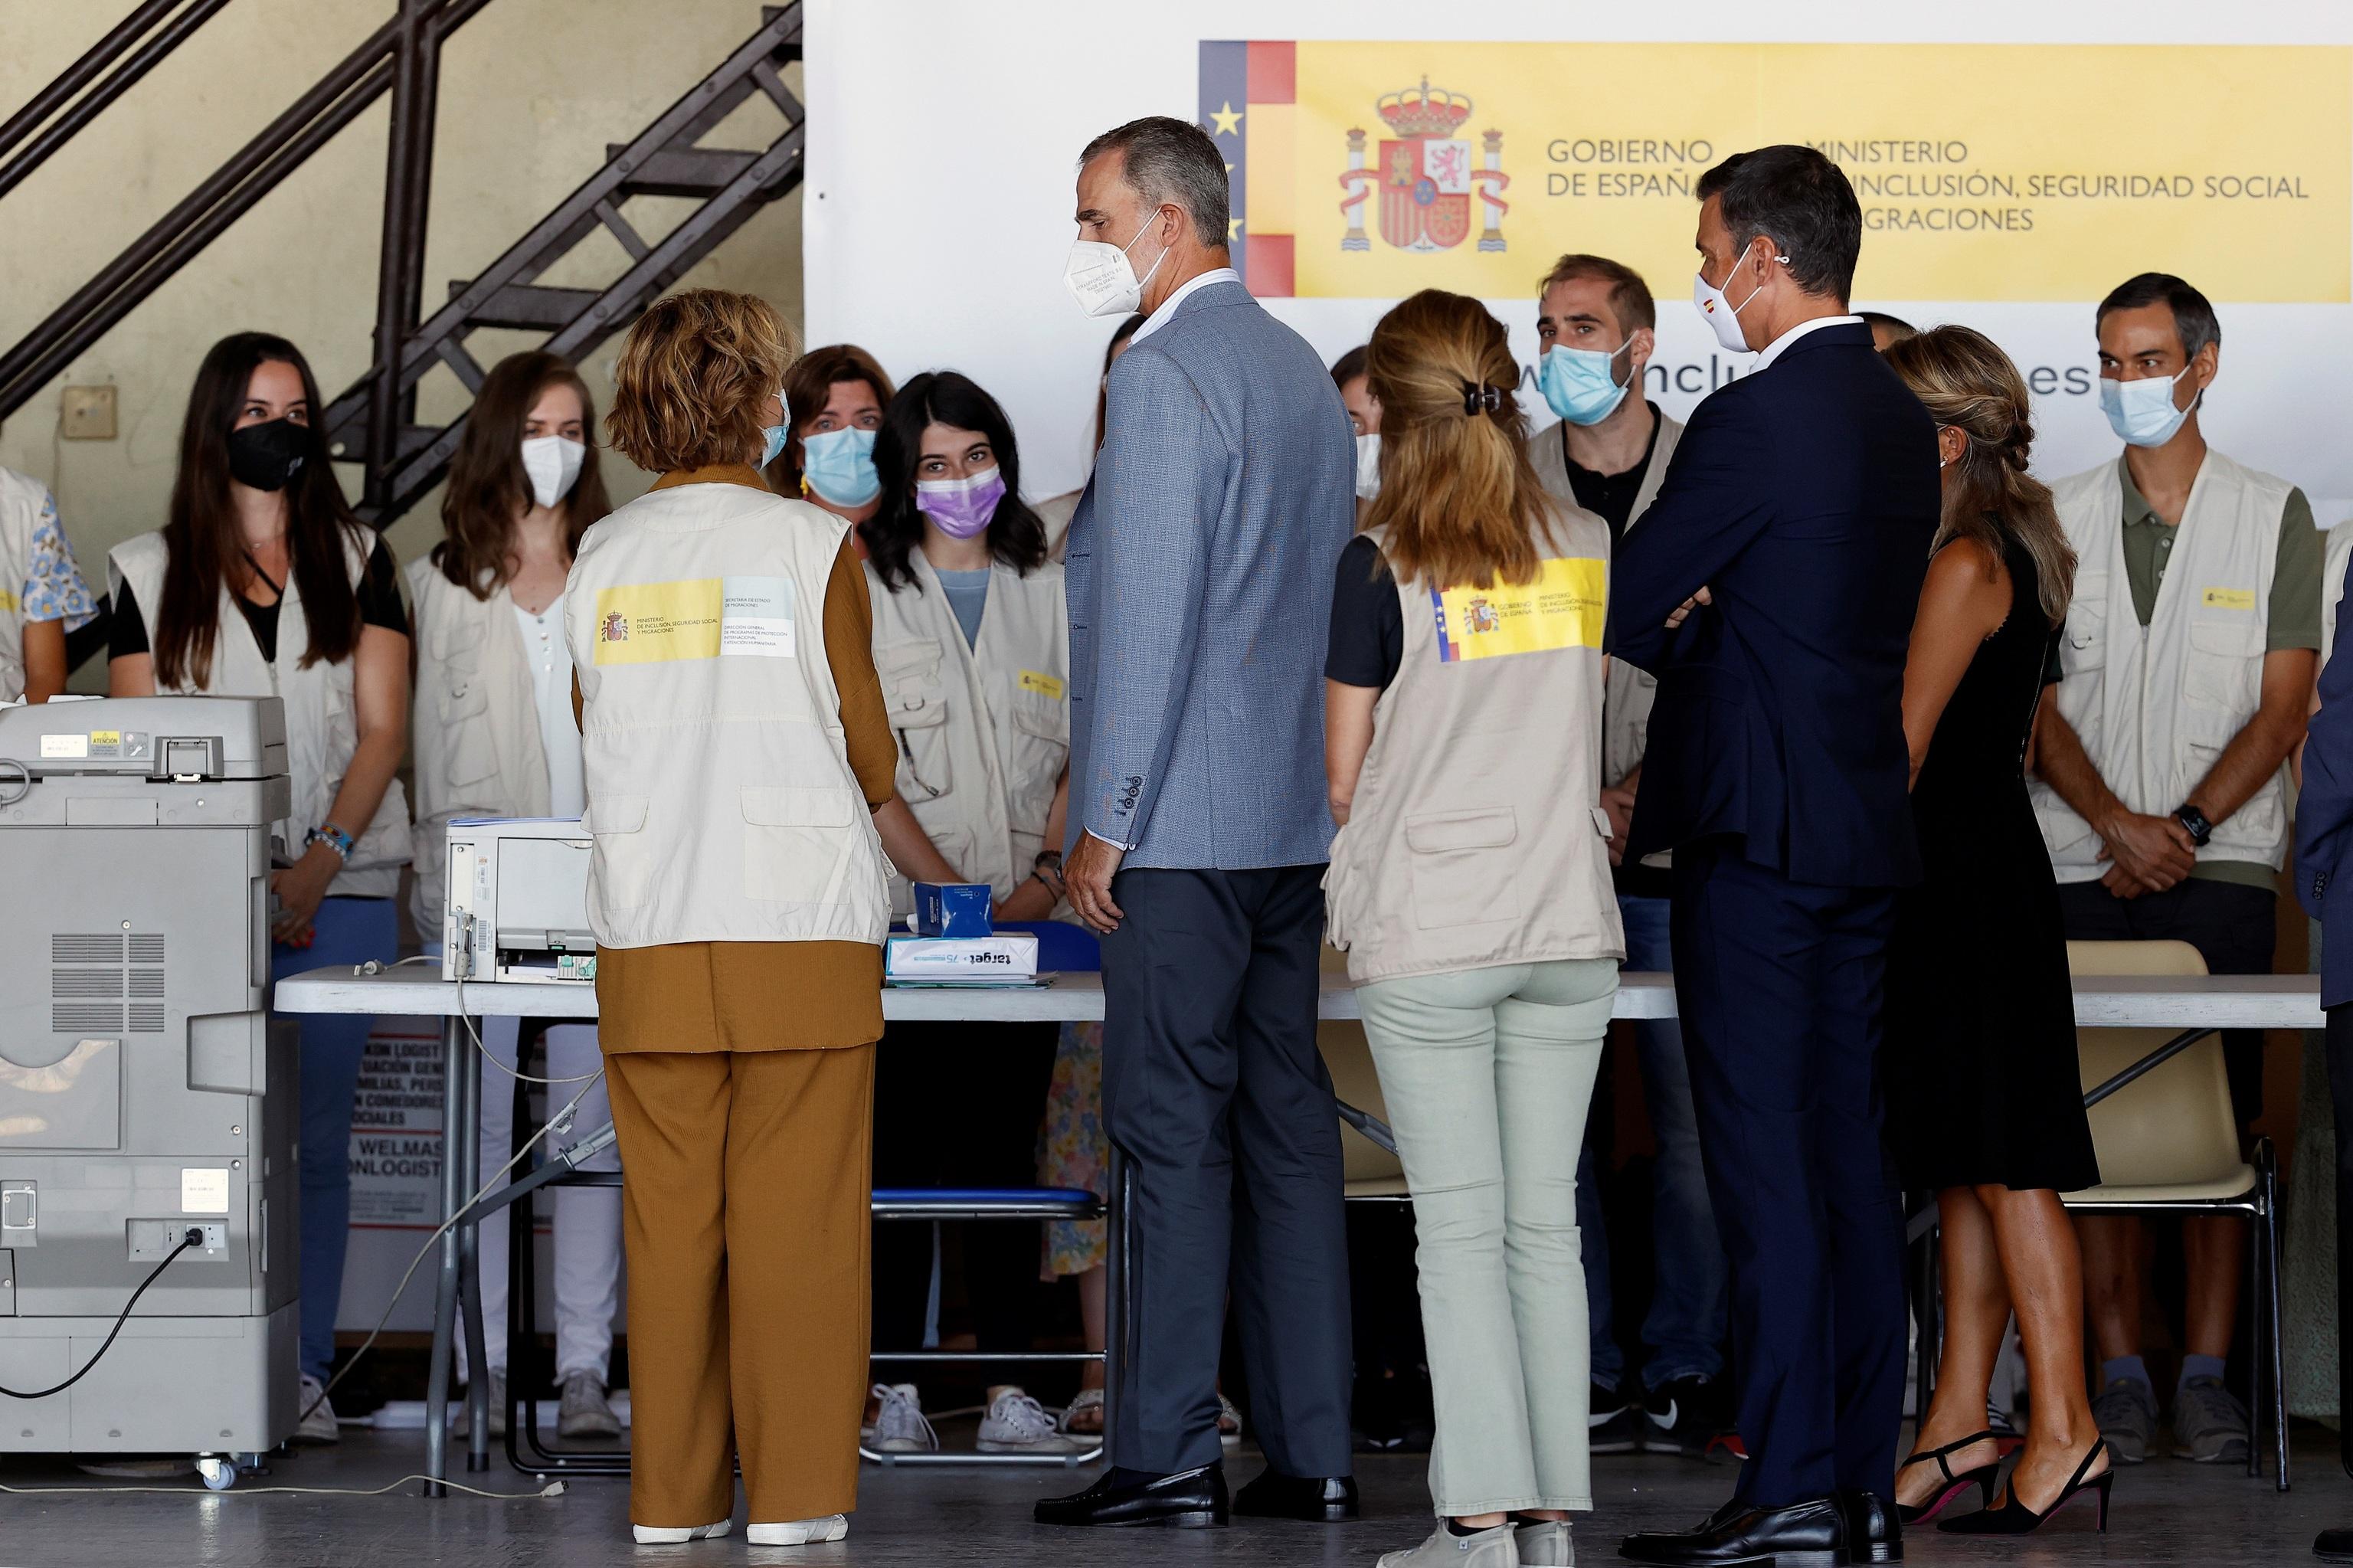 Le roi s'entretient avec plusieurs travailleurs du centre d'accueil de Torrej